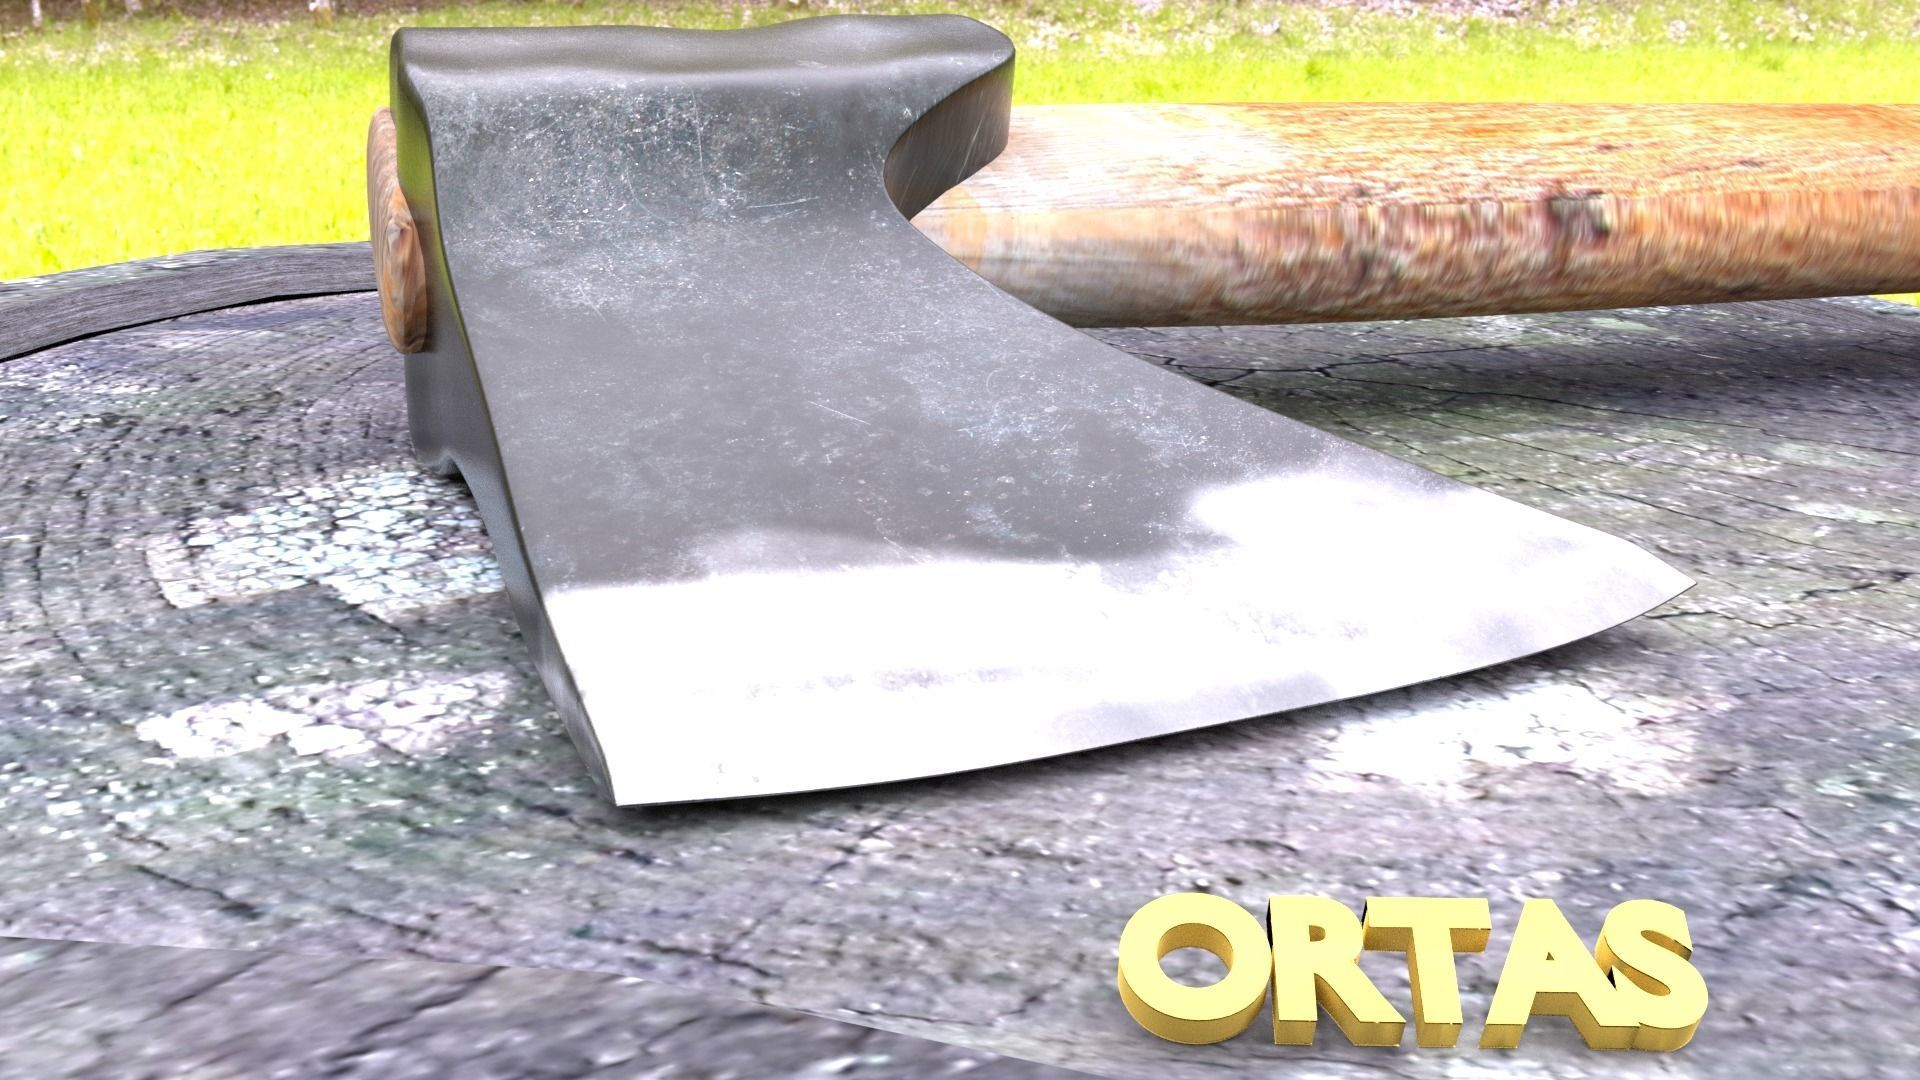 ORTAS AXE NO 1 WOOD AND STEEL AXE 3D PRINTABLE